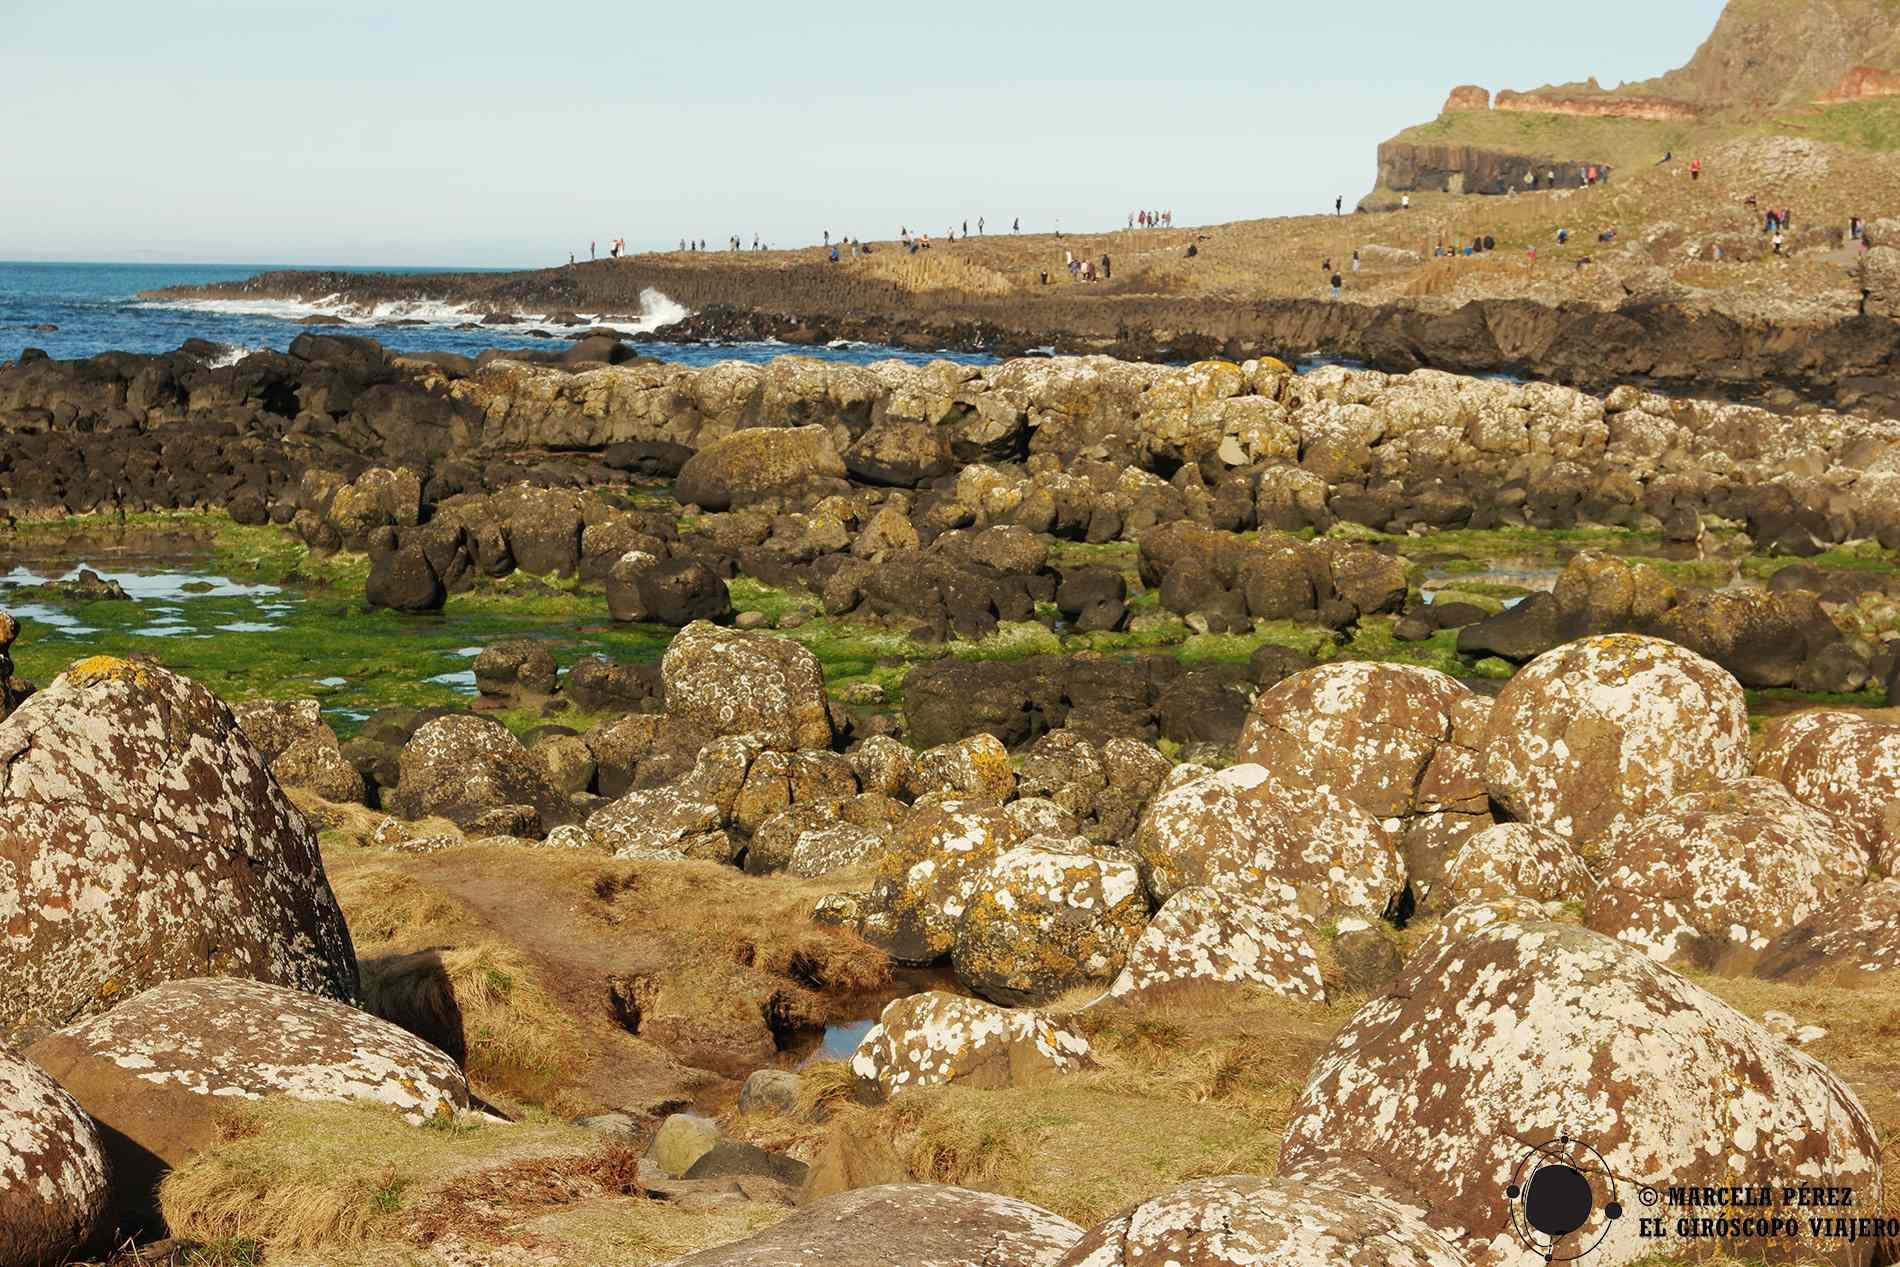 Piedras conocidas como cebollas por la semejanza y al fondo la Calzada ya tiene en su lomo a turistas curiosos